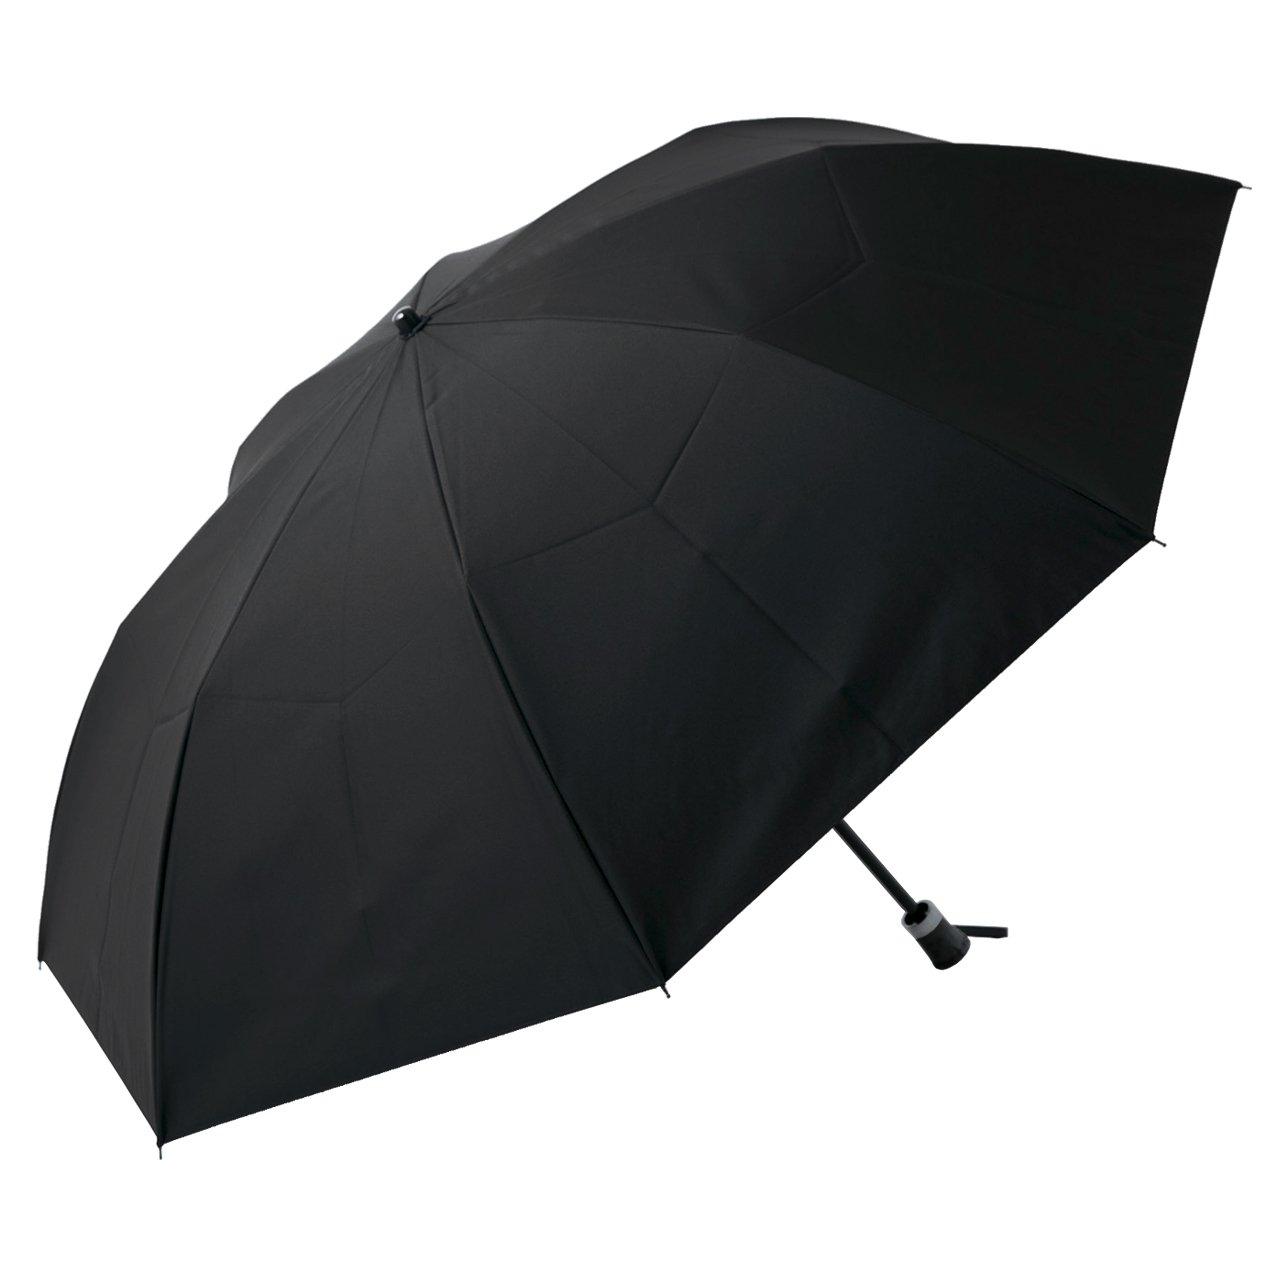 【Rose Blanc】100%完全遮光 日傘 2段折りたたみ ラージサイズ プレーン(傘袋付) 男女兼用60cm (ブラック) B01ESG10DMブラック